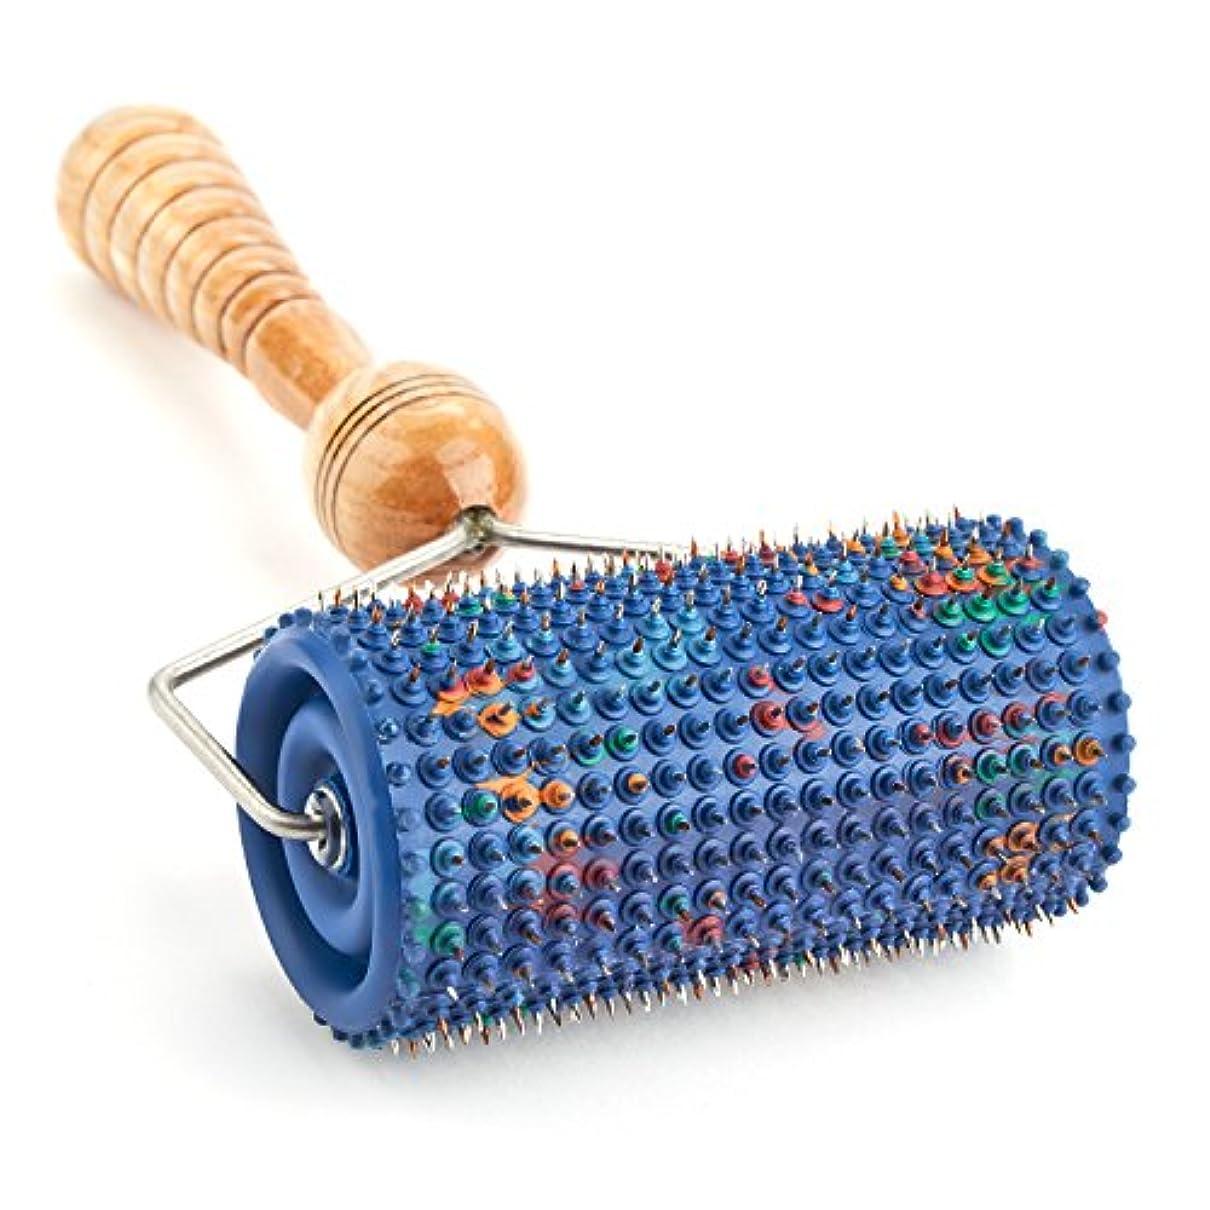 さわやかリンクネットLYAPKOビッグローラーマッサージャー5.0 シルバーコーティング 指圧570針使用。体の広範囲のマッサージ用。ユニークなアプリケーター治療 セルフ ダイナミック マッサージ ツール Big Roller Massager...